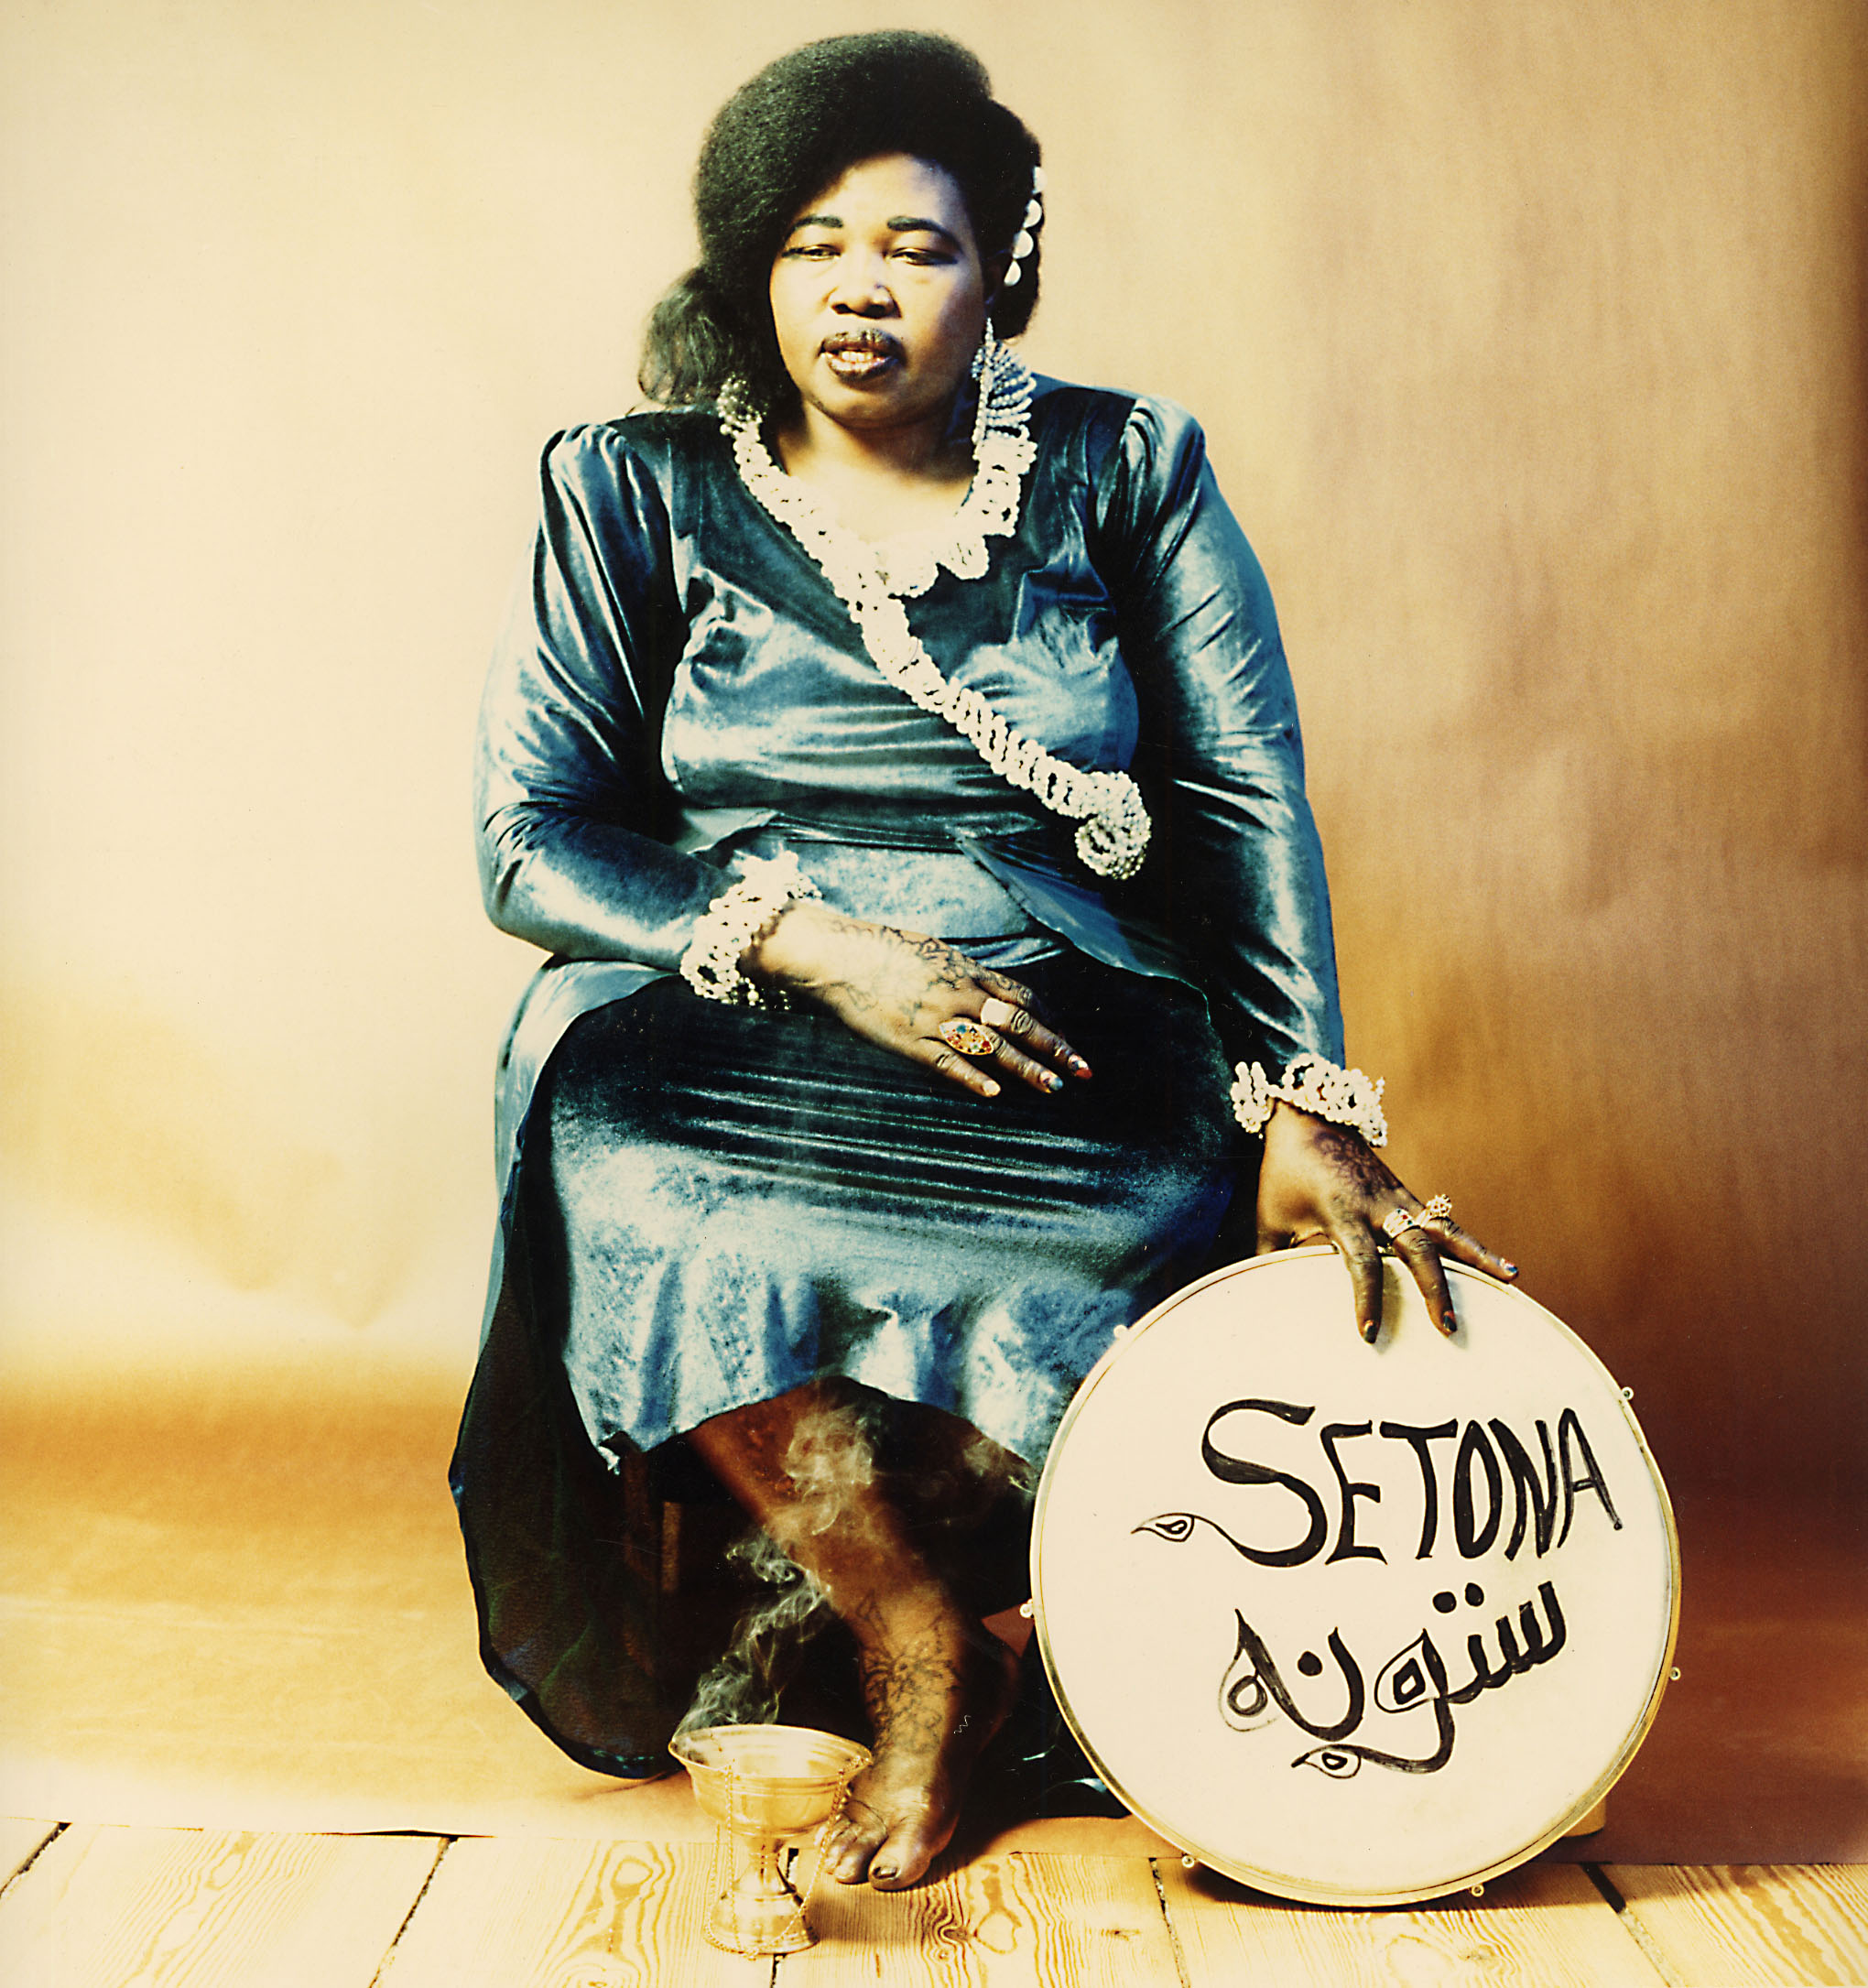 13 Setona – singer a